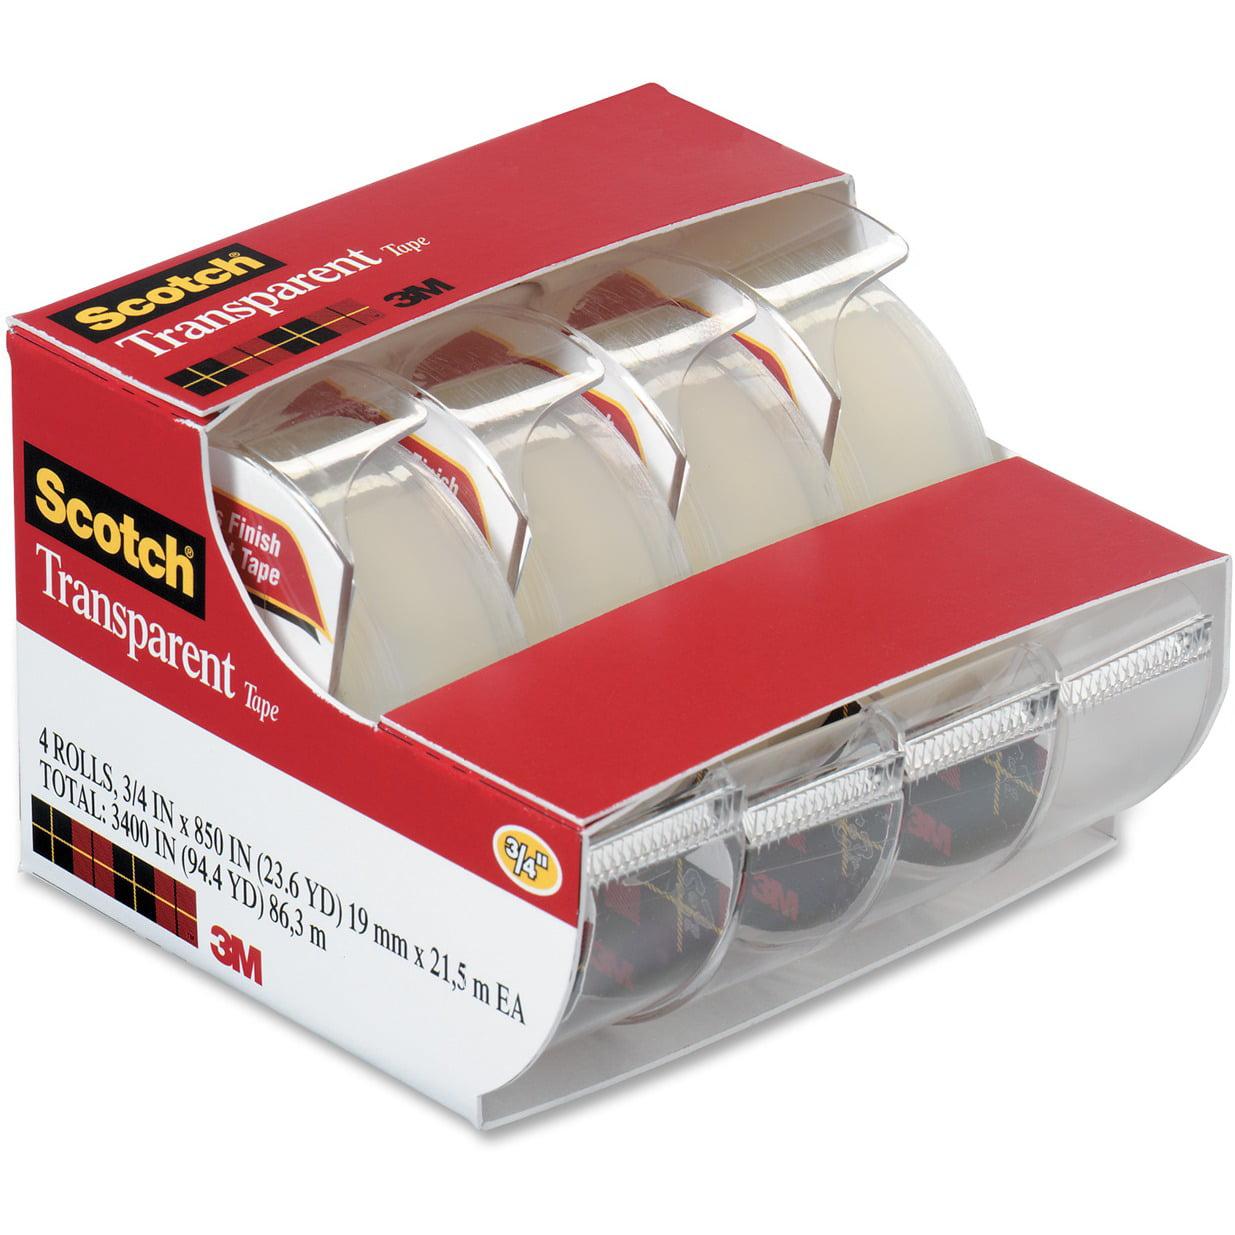 Scotch Transparent Tape Dispensers 4 Pack, 3/4 in. x 850 in., 4 Dispensers/Pack